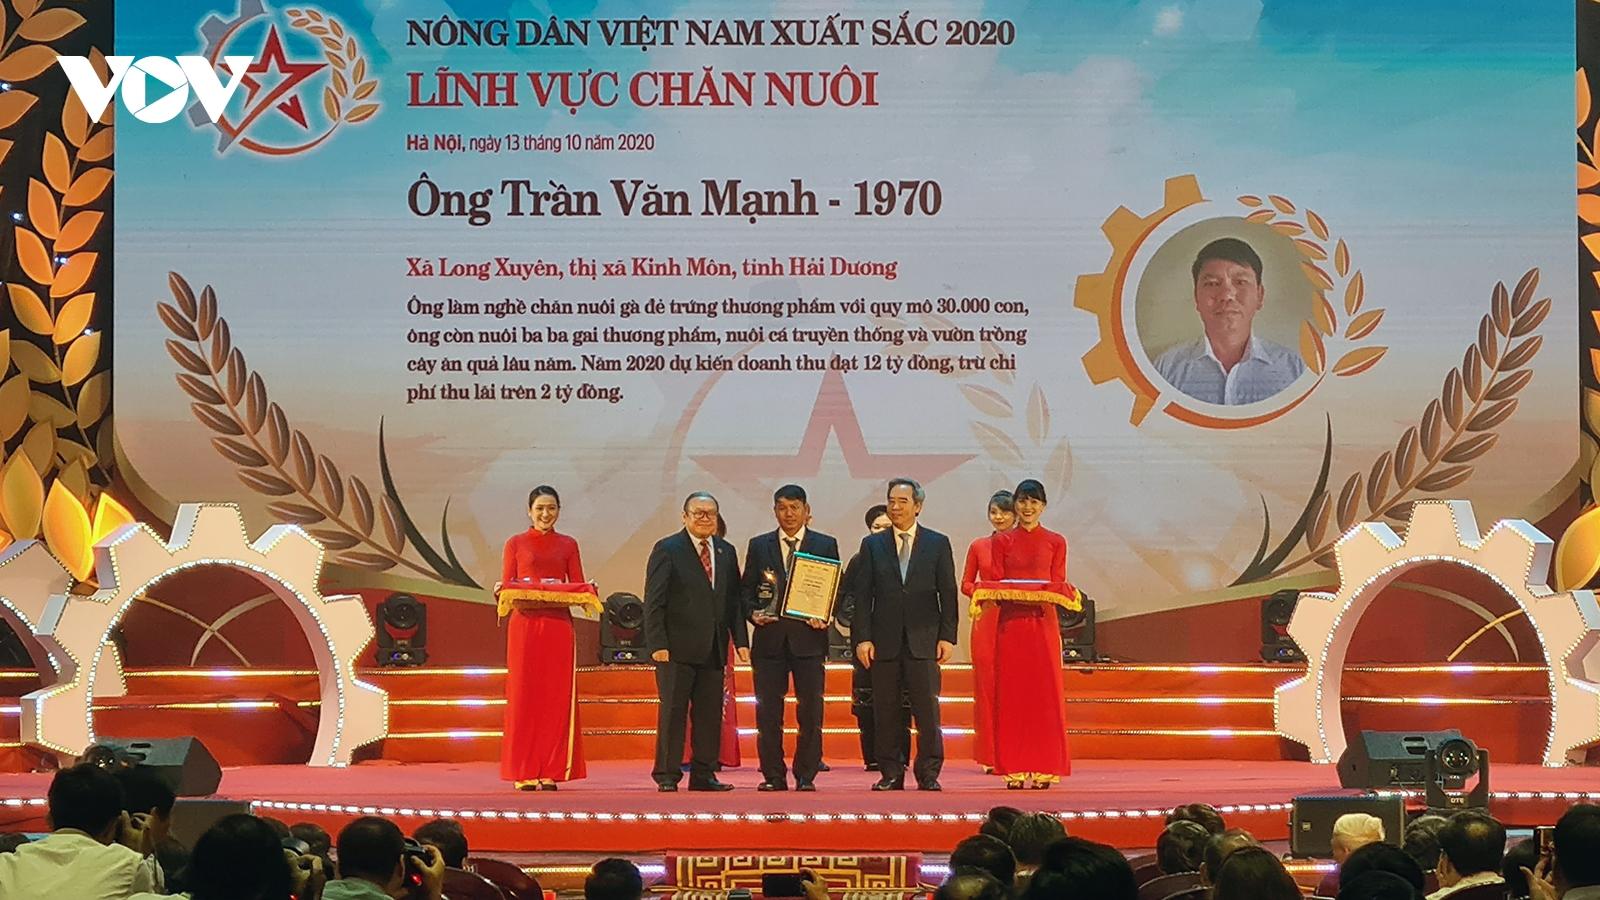 Tôn vinh 63 nông dân Việt Nam xuất sắc năm 2020